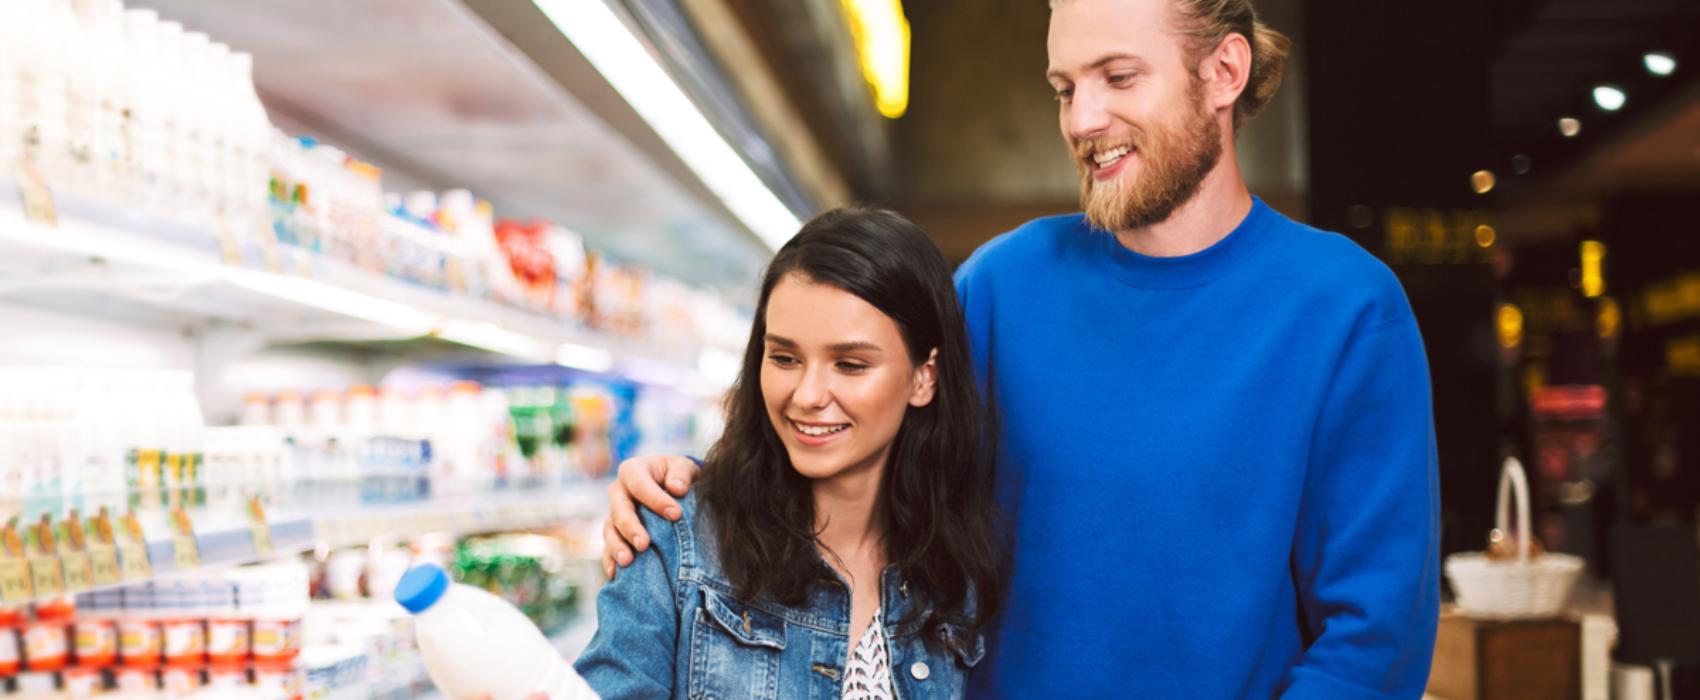 Gdzie najtaniej kupić pieluszki czy mleko? Ta aplikacja porówna ceny w marketach